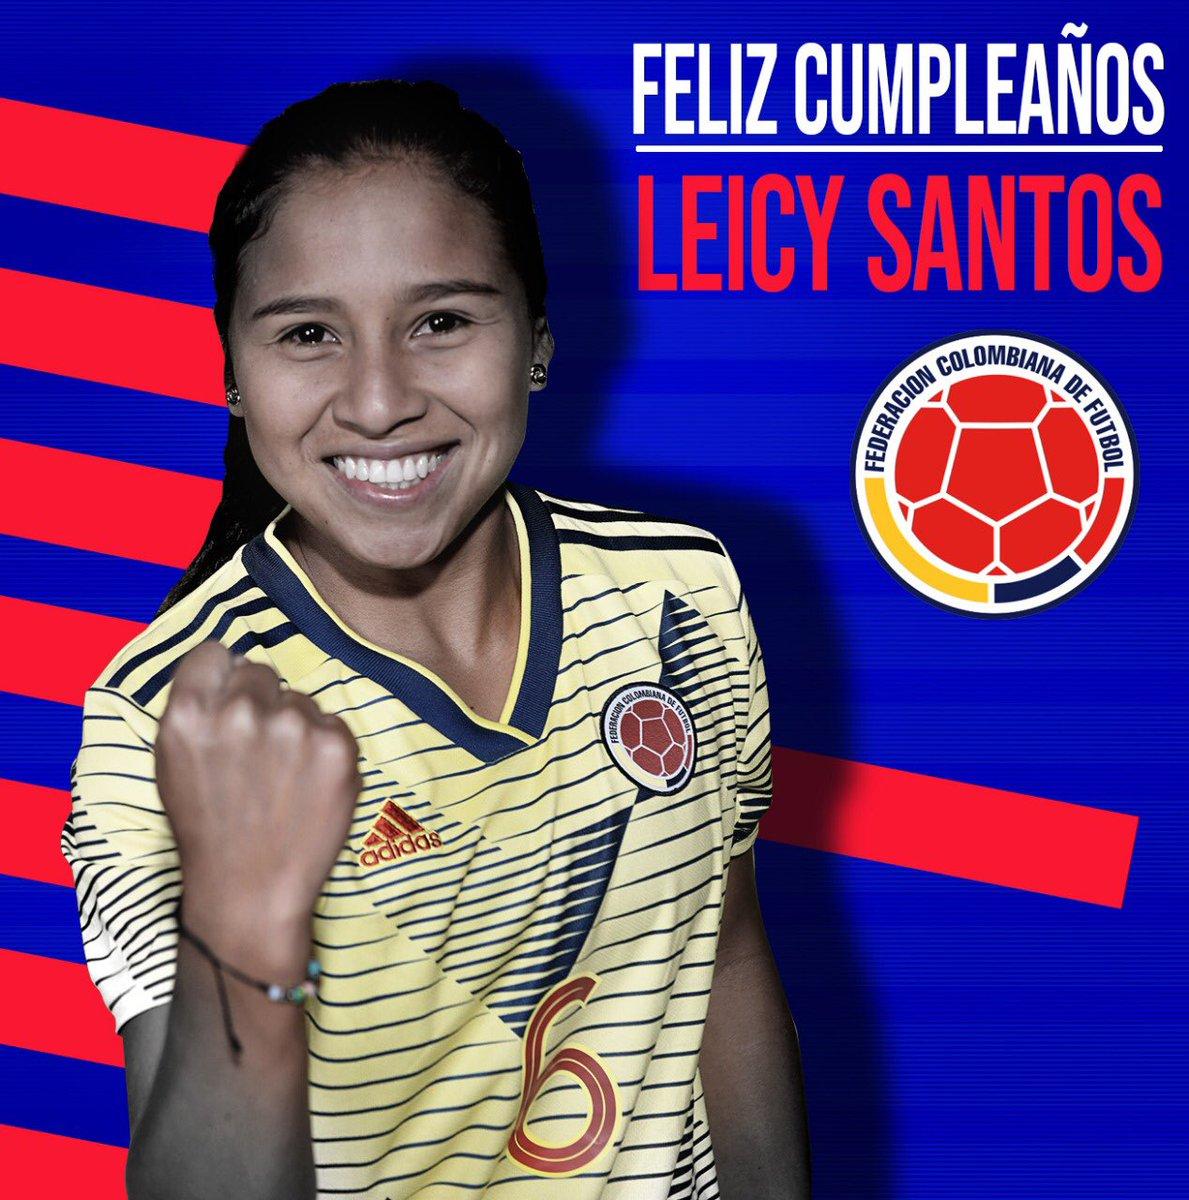 Feliz cumpleaños #️⃣2️⃣3️⃣ para @leicysantos10. ¡Que pases un día maravilloso! 🎂💥